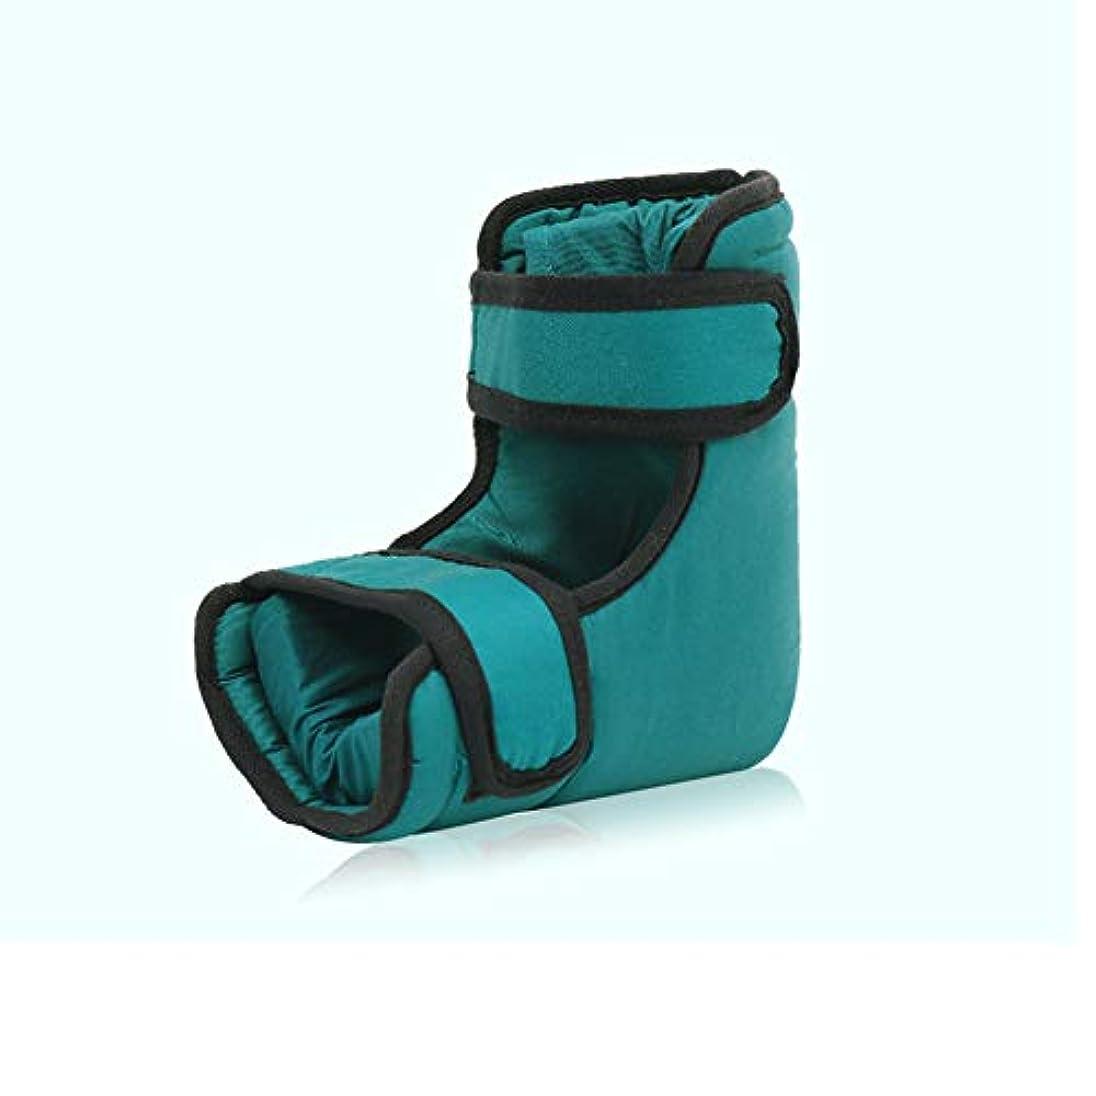 一部症候群帰するヒールプロテクター、足首サポートピロー、足圧を和らげる睡眠用、潰瘍および癒しを促進する潰瘍、一対